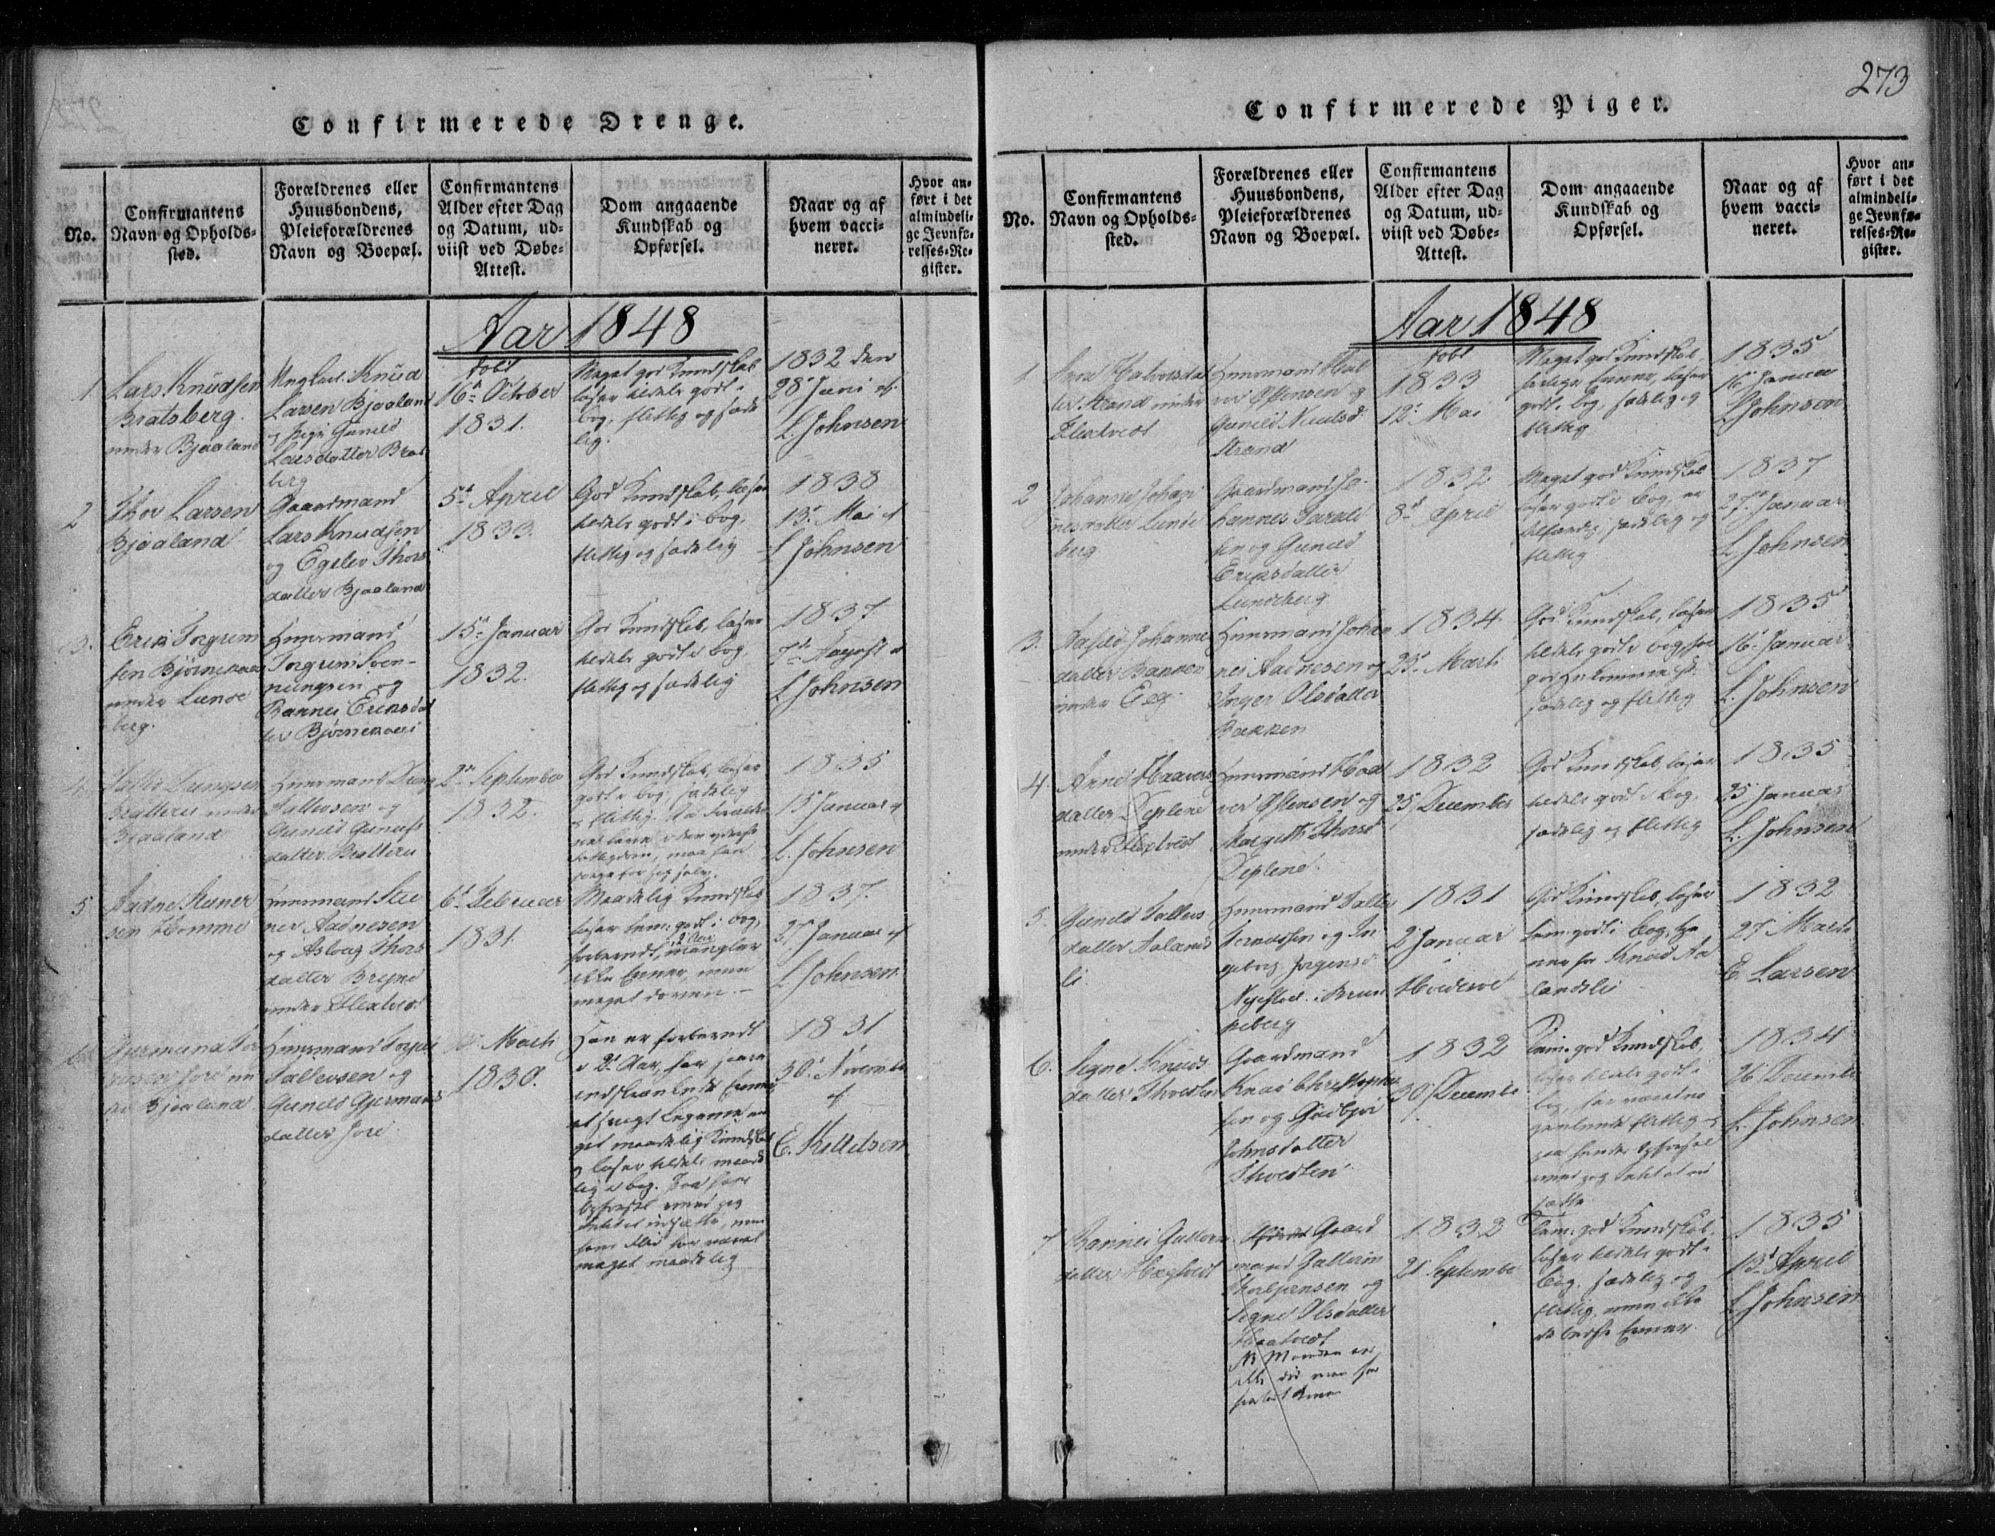 SAKO, Lårdal kirkebøker, F/Fa/L0005: Ministerialbok nr. I 5, 1815-1860, s. 273